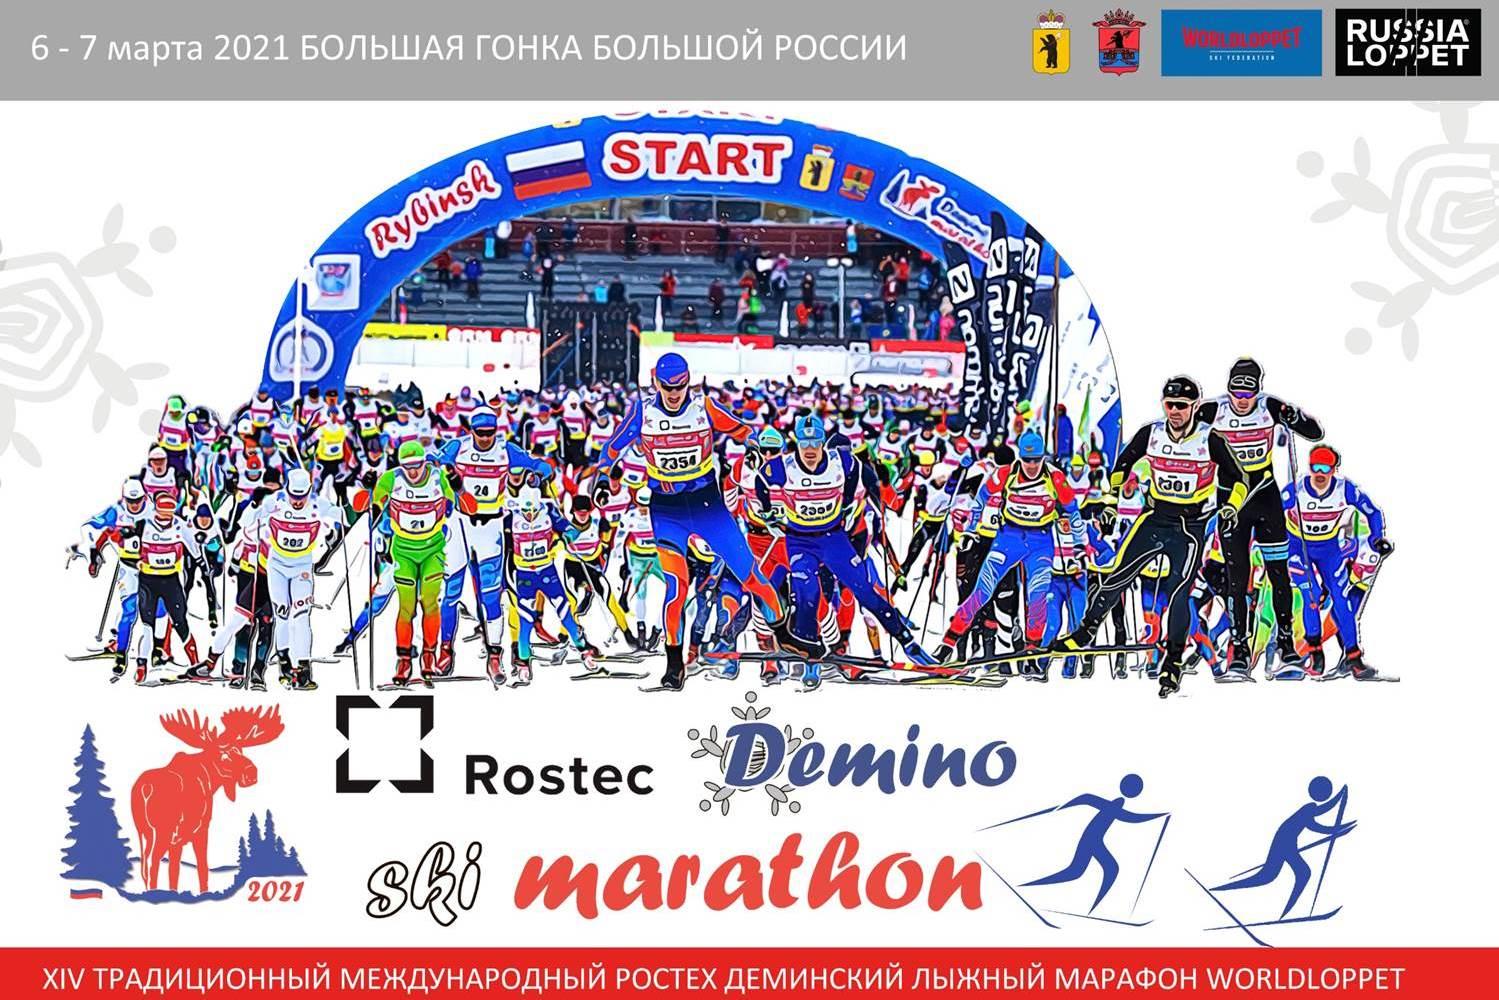 Более двух тысяч человек уже зарегистрировались на участие в Ростех Деминском марафоне